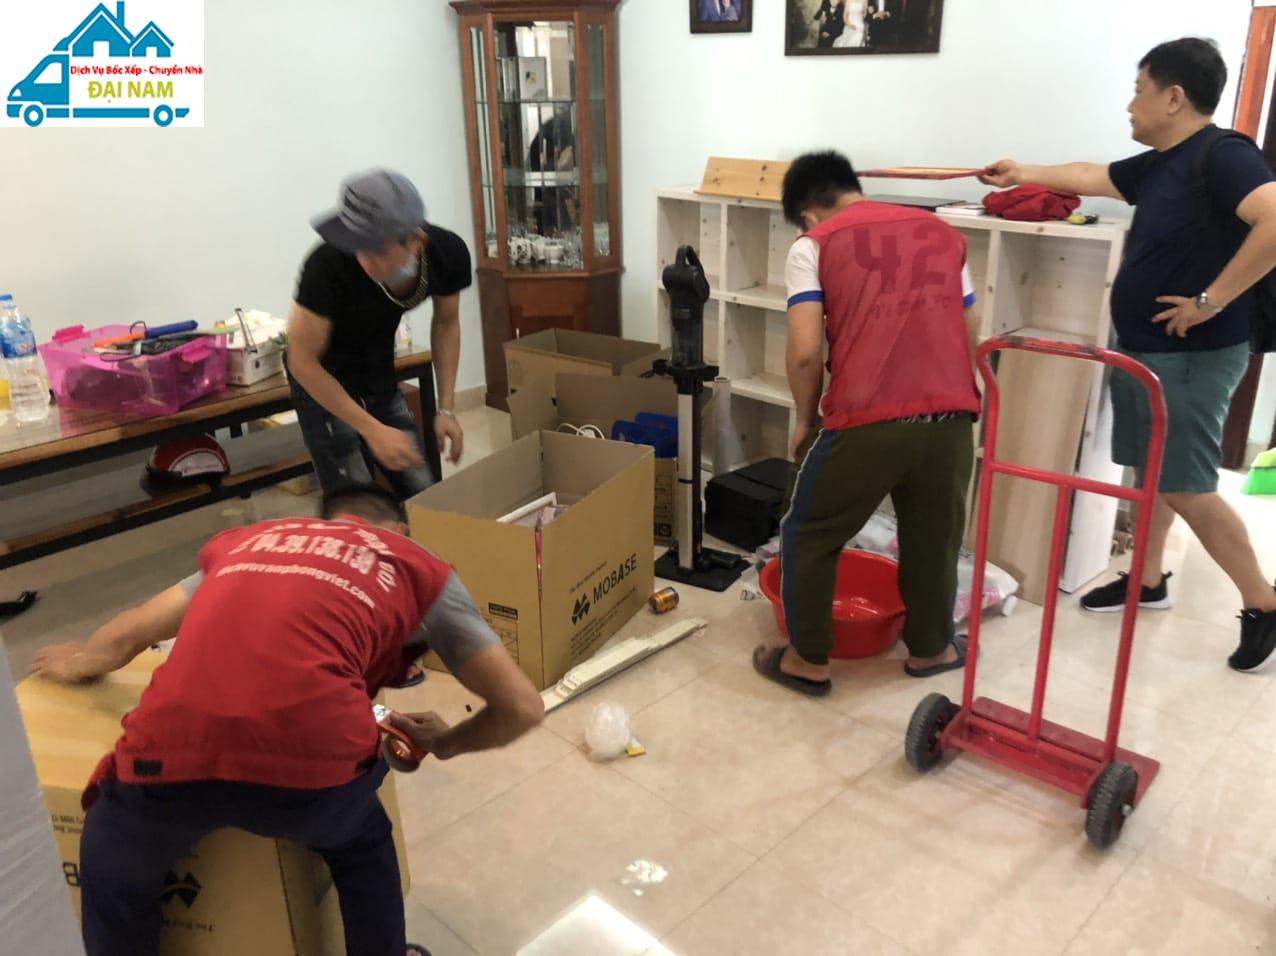 Dịch vụ chuyển nhà trọn gói tại Tphcm nhanh chóng, siêu tiết kiệm